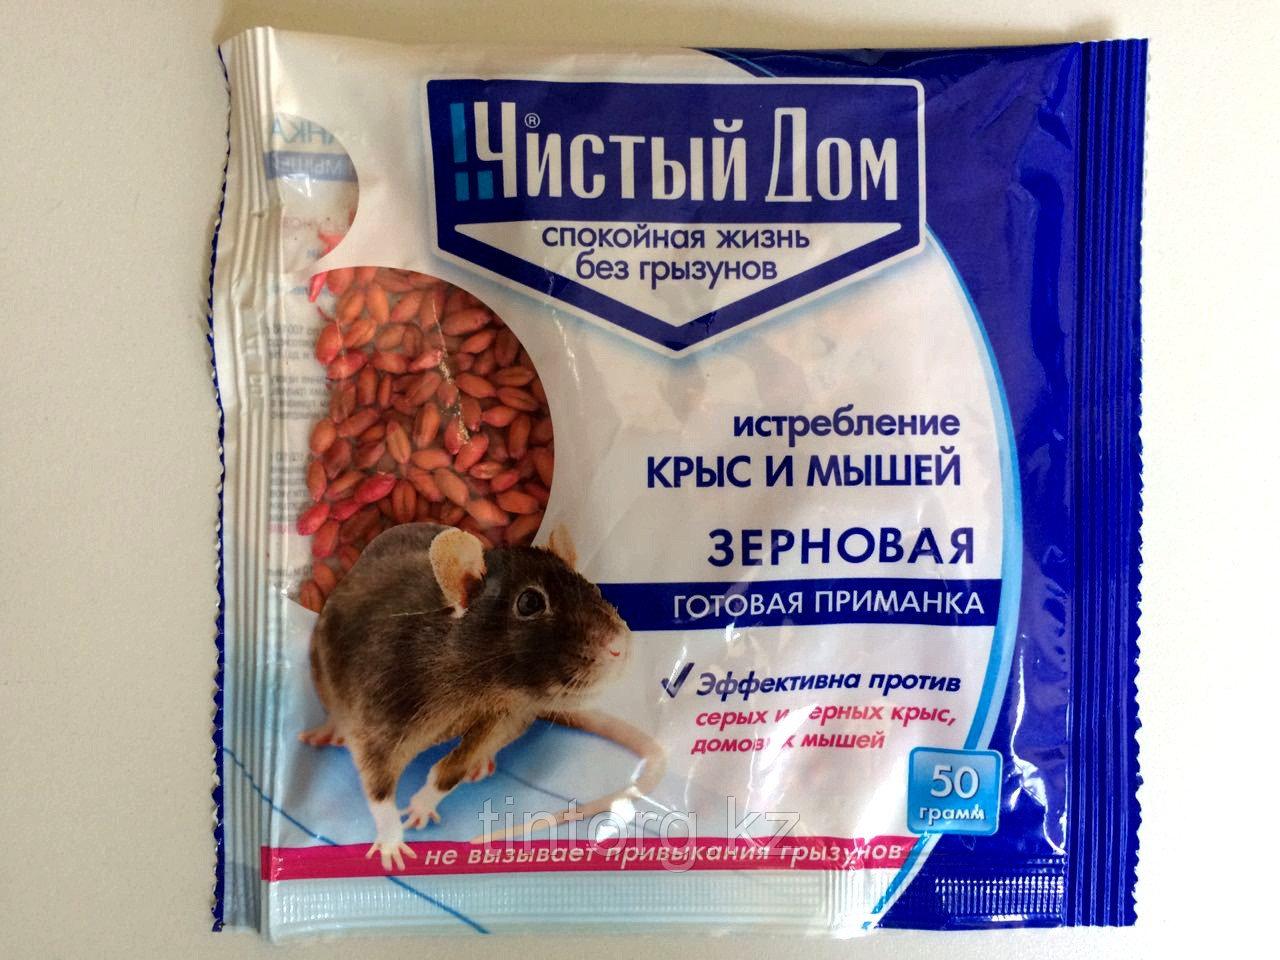 Эффективная отрава для мышей: названия препаратов и изготовление в домашних условиях